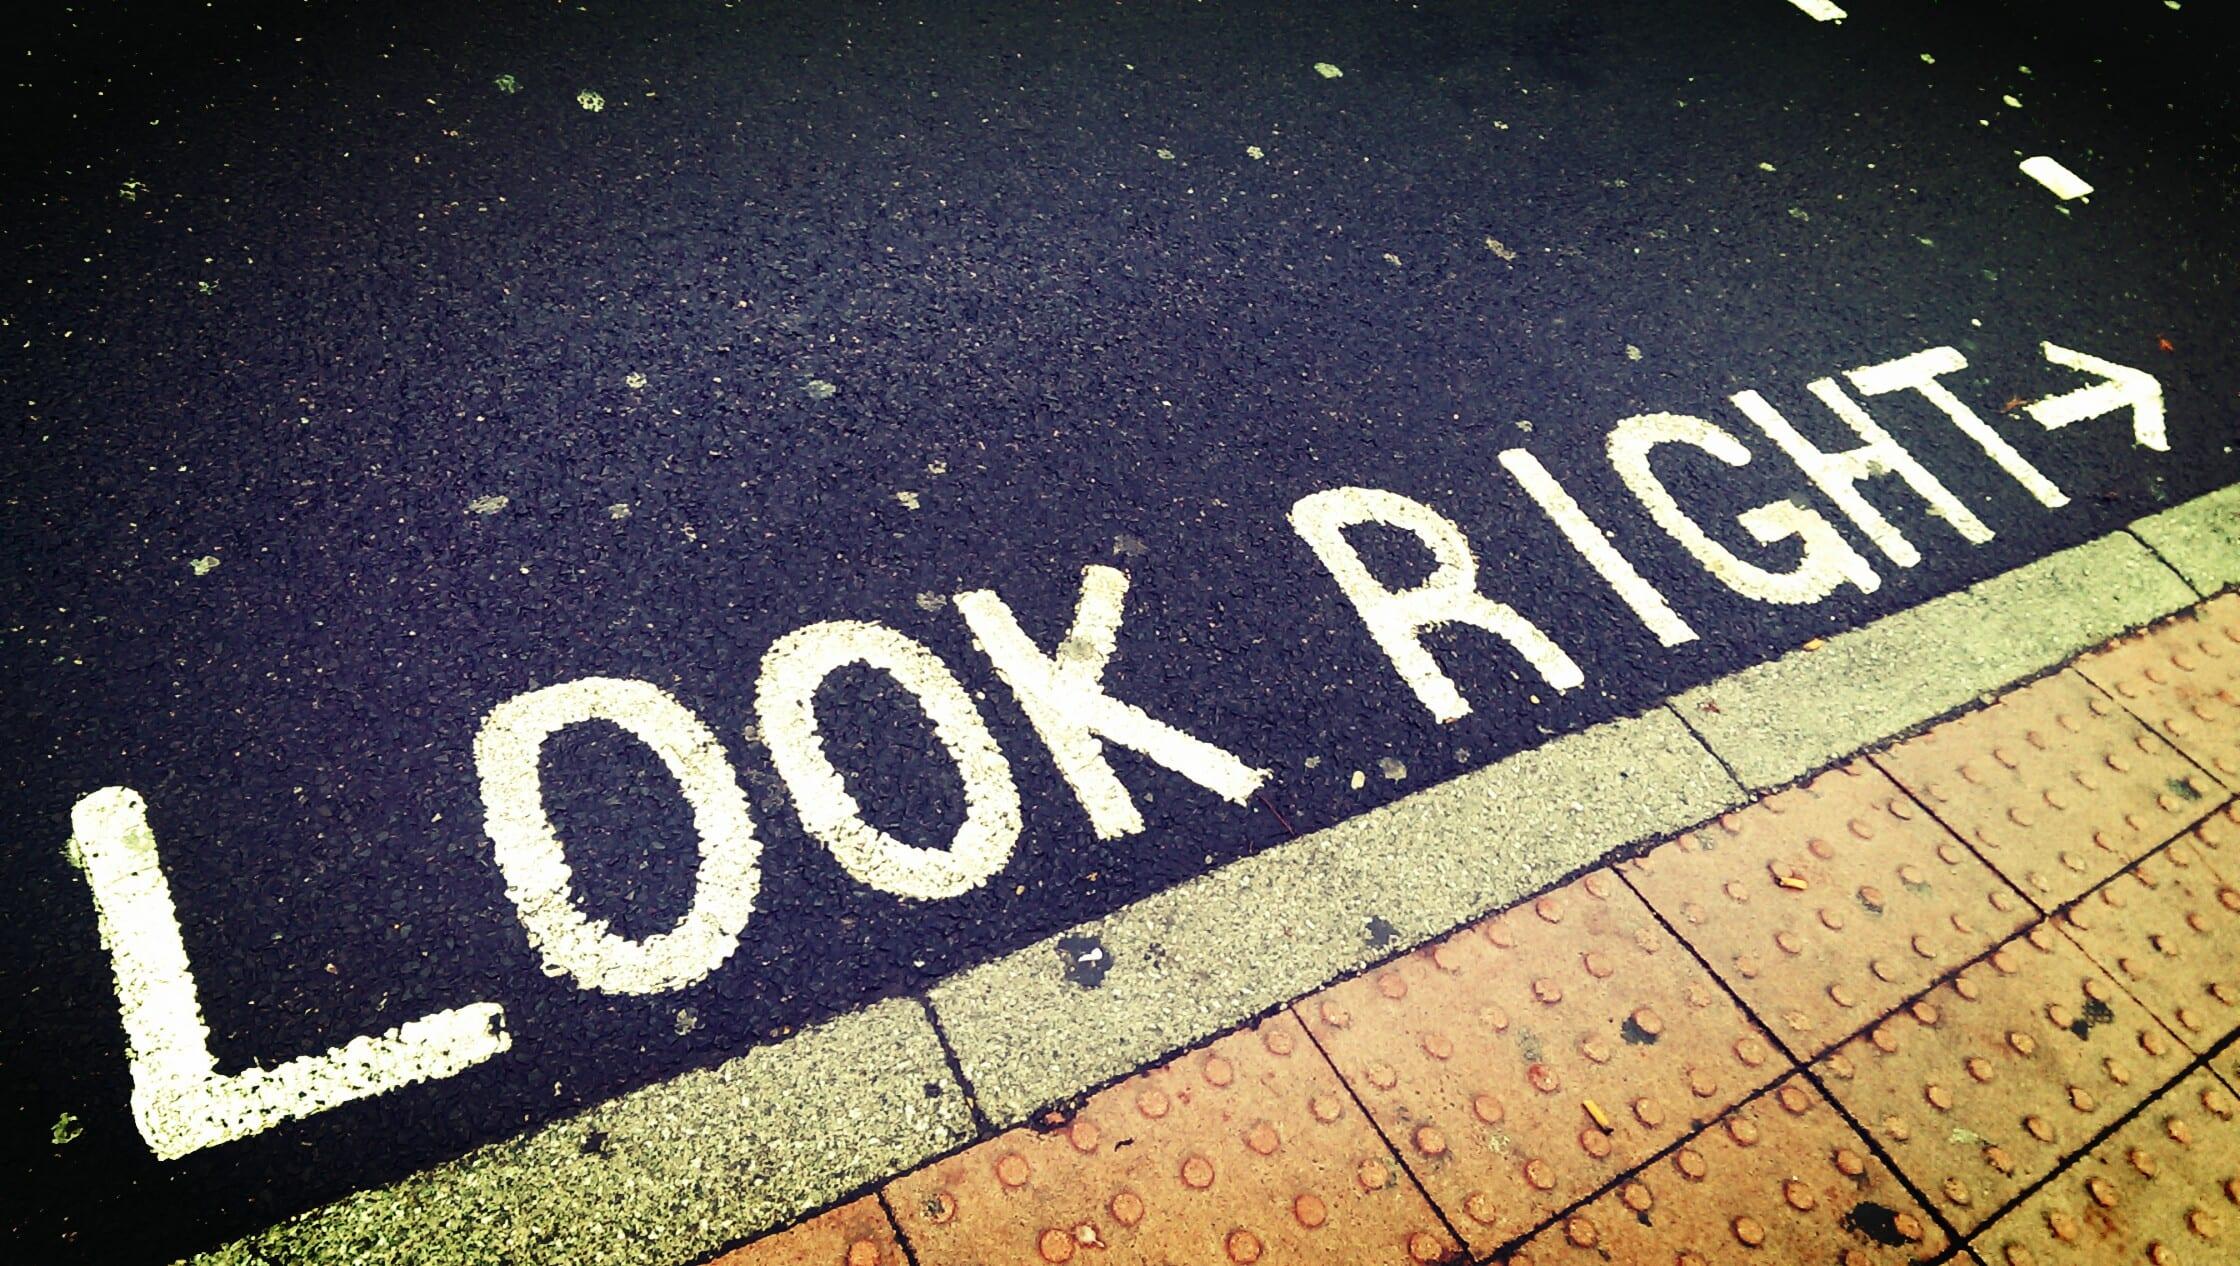 Markierungen an der Straße zeigen, wo man zuerst hingucken sollte